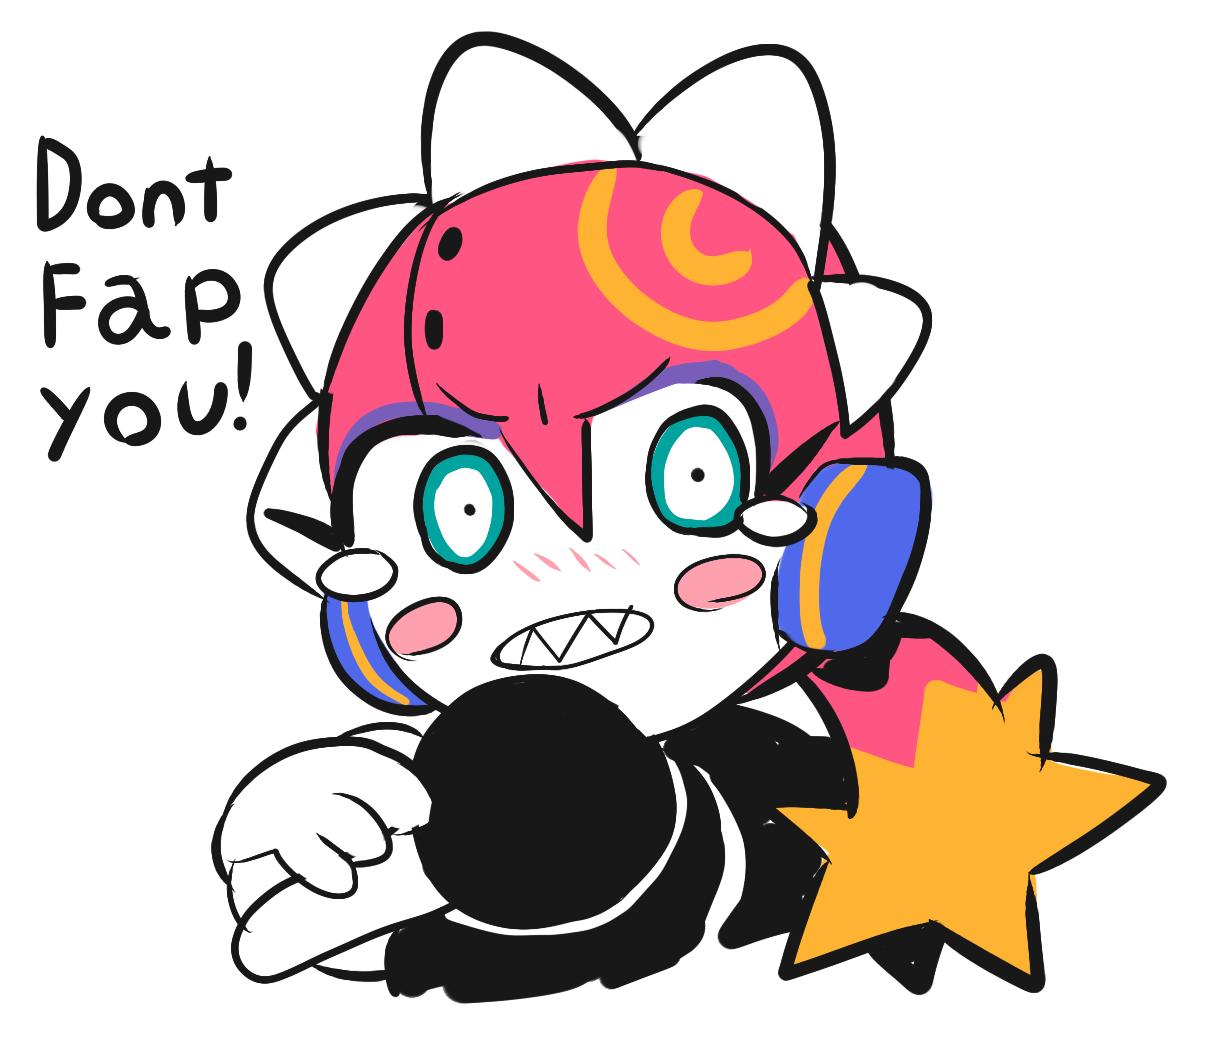 0 Dont fap you by GashiGashi